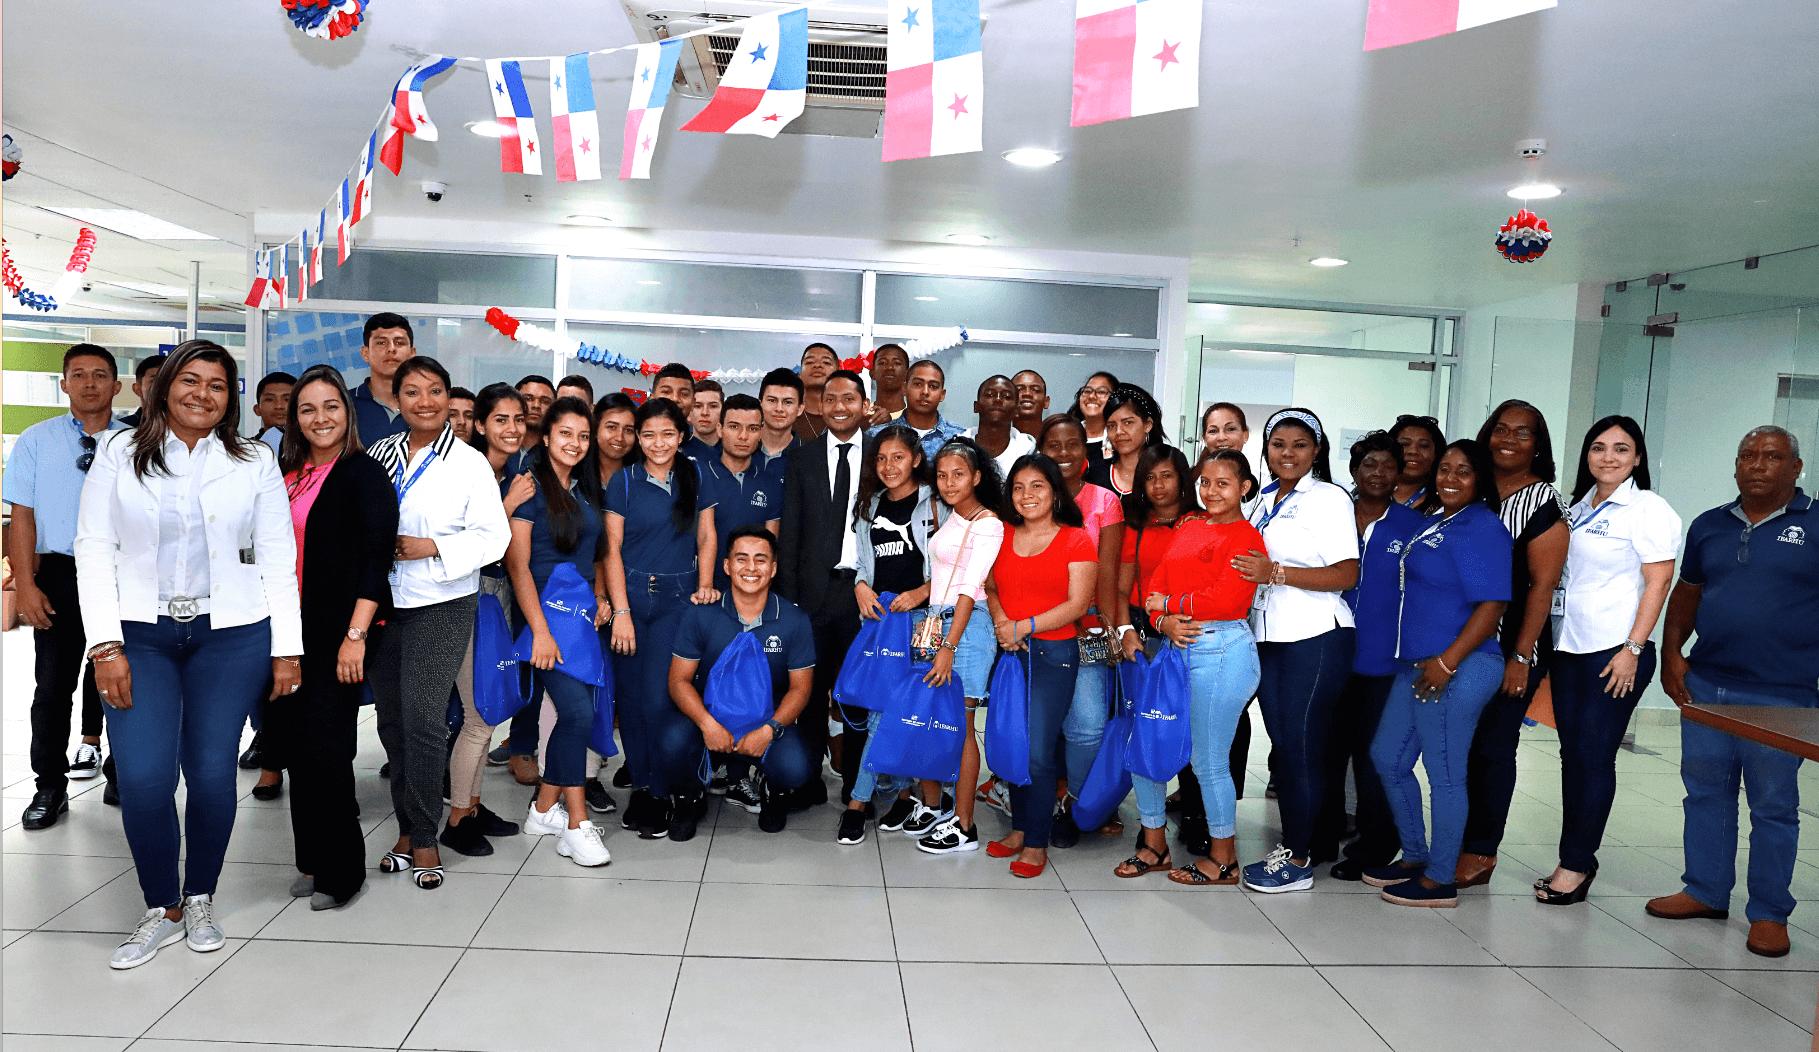 Jóvenes cursarán estudios en Panamá, EE.UU. y España tras beca del Ifarhu